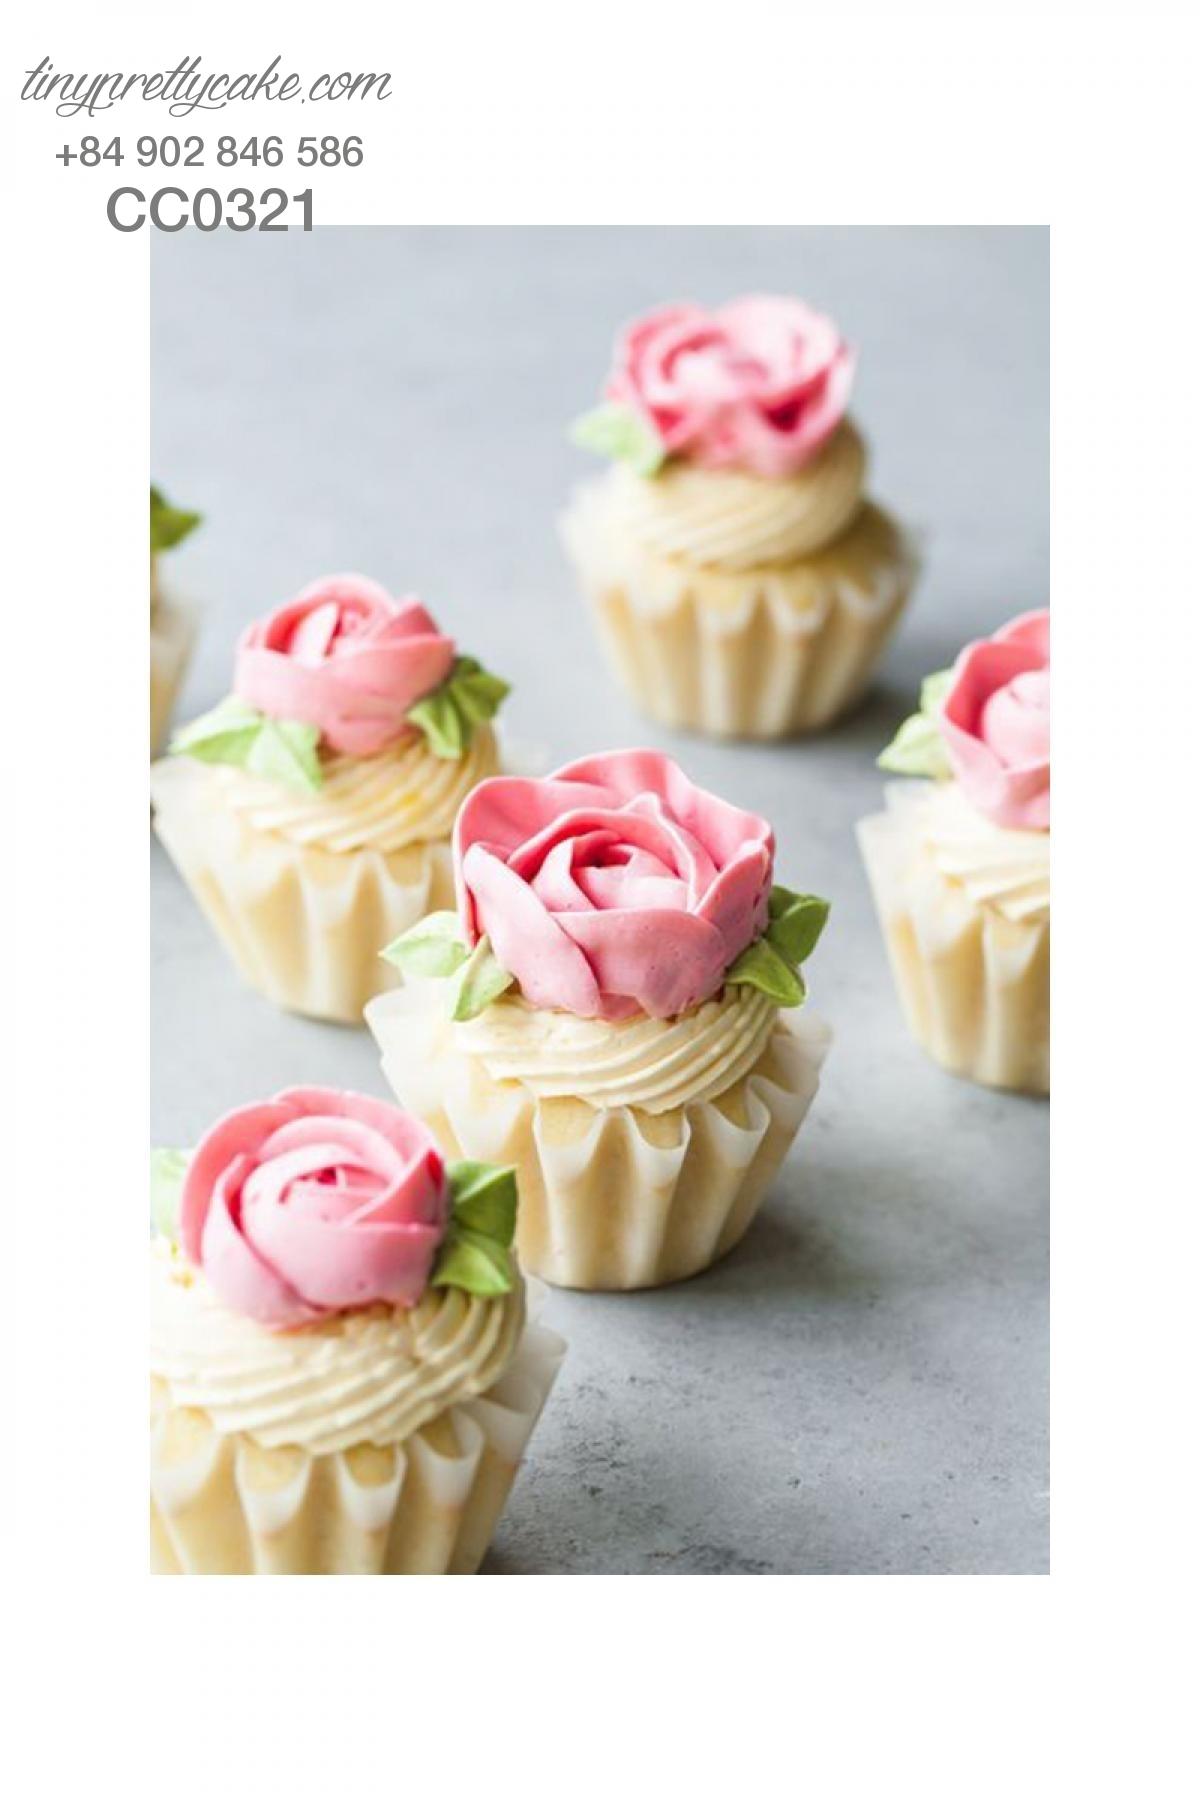 Cupcake hoa hồng xinh xắn nhất cho phụ nữ (CC0321)